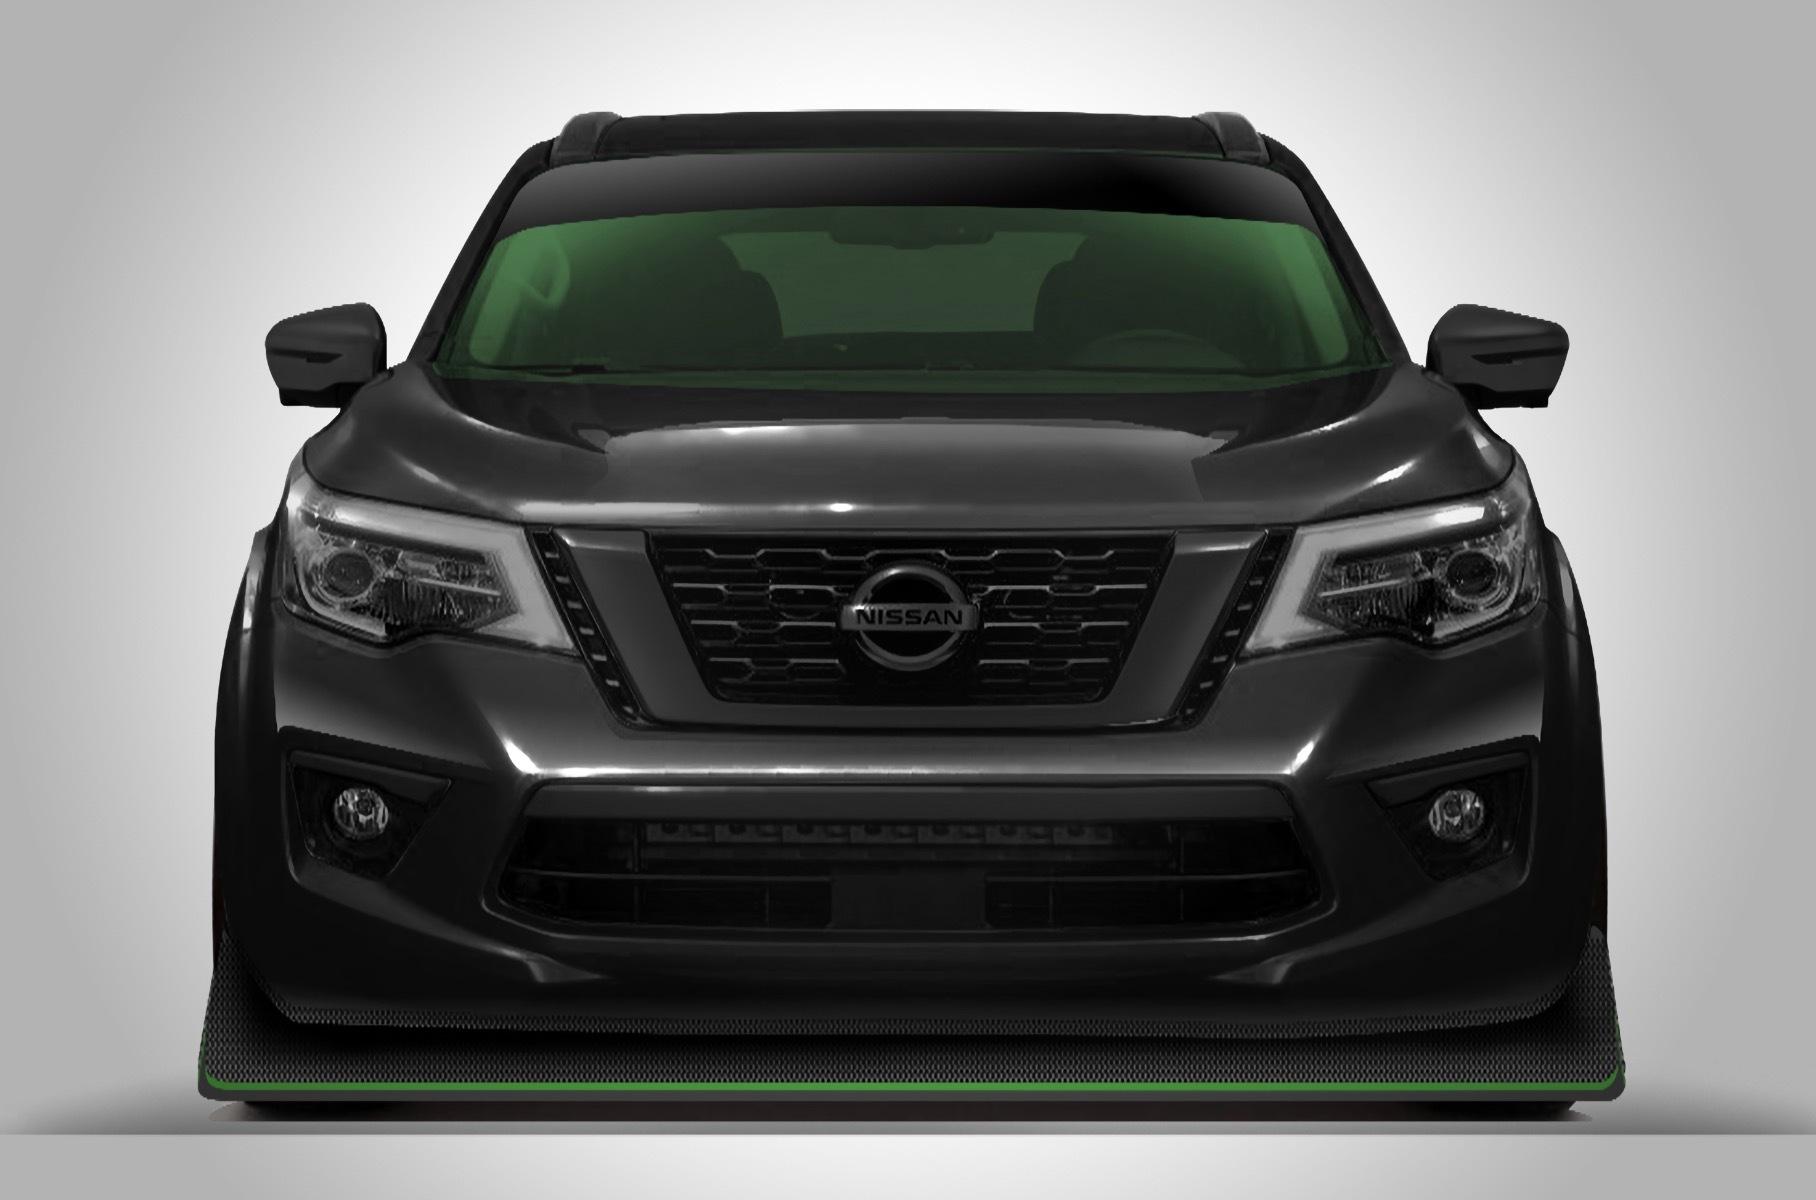 Nissan Navara превратят в 1000-сильный пикап для трека